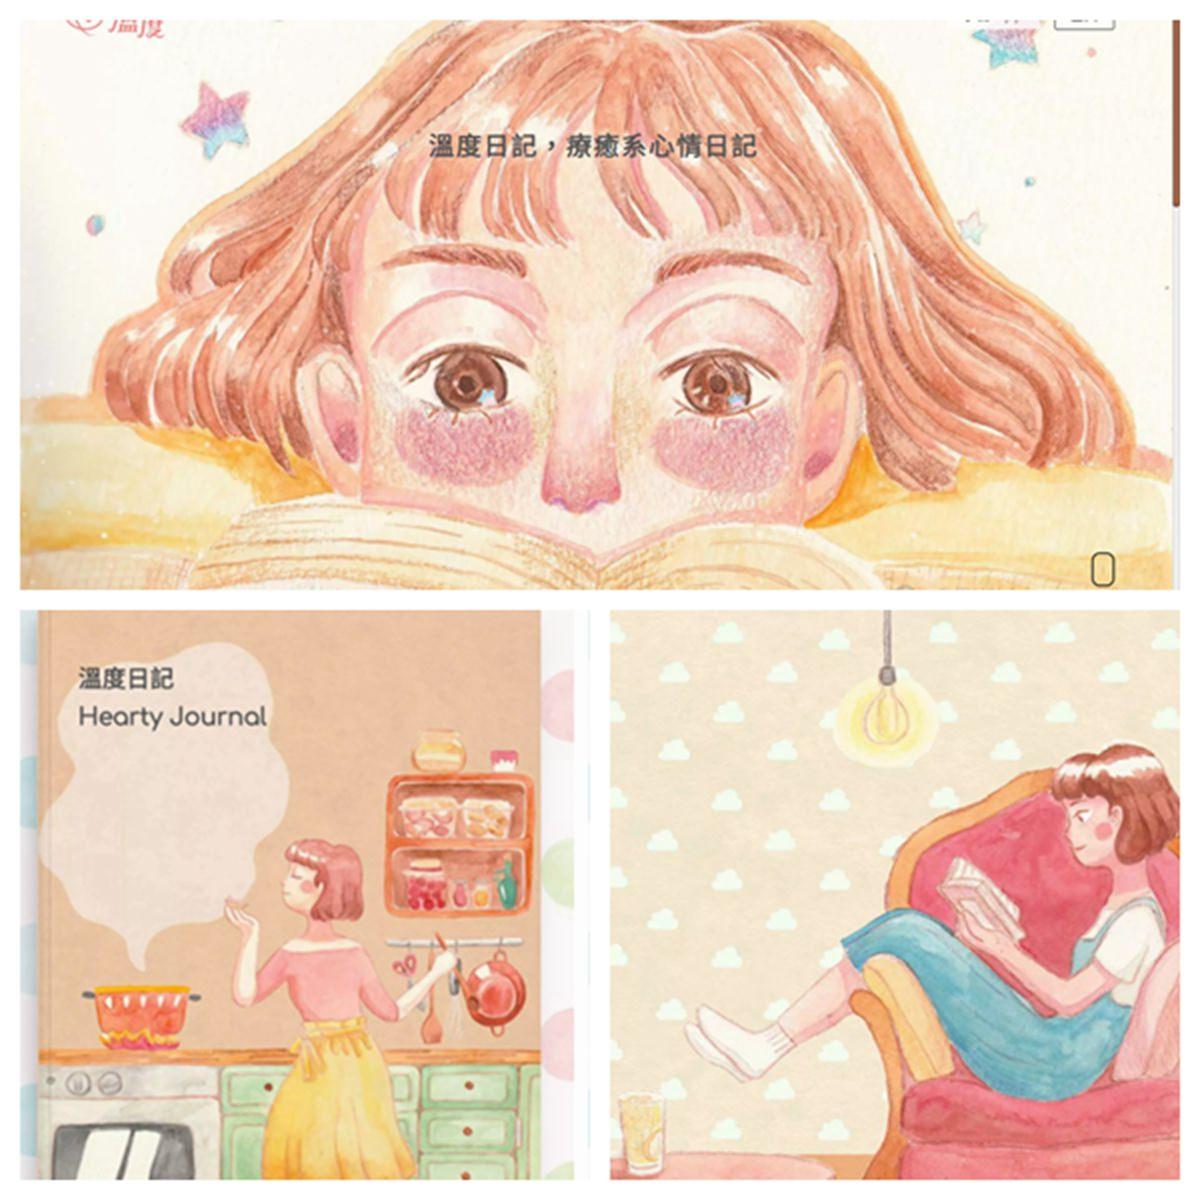 [生活APP]溫馨私密的心情手札「溫度日記」~每天給自己一點小時光,卸下防備、做回最真實的自己